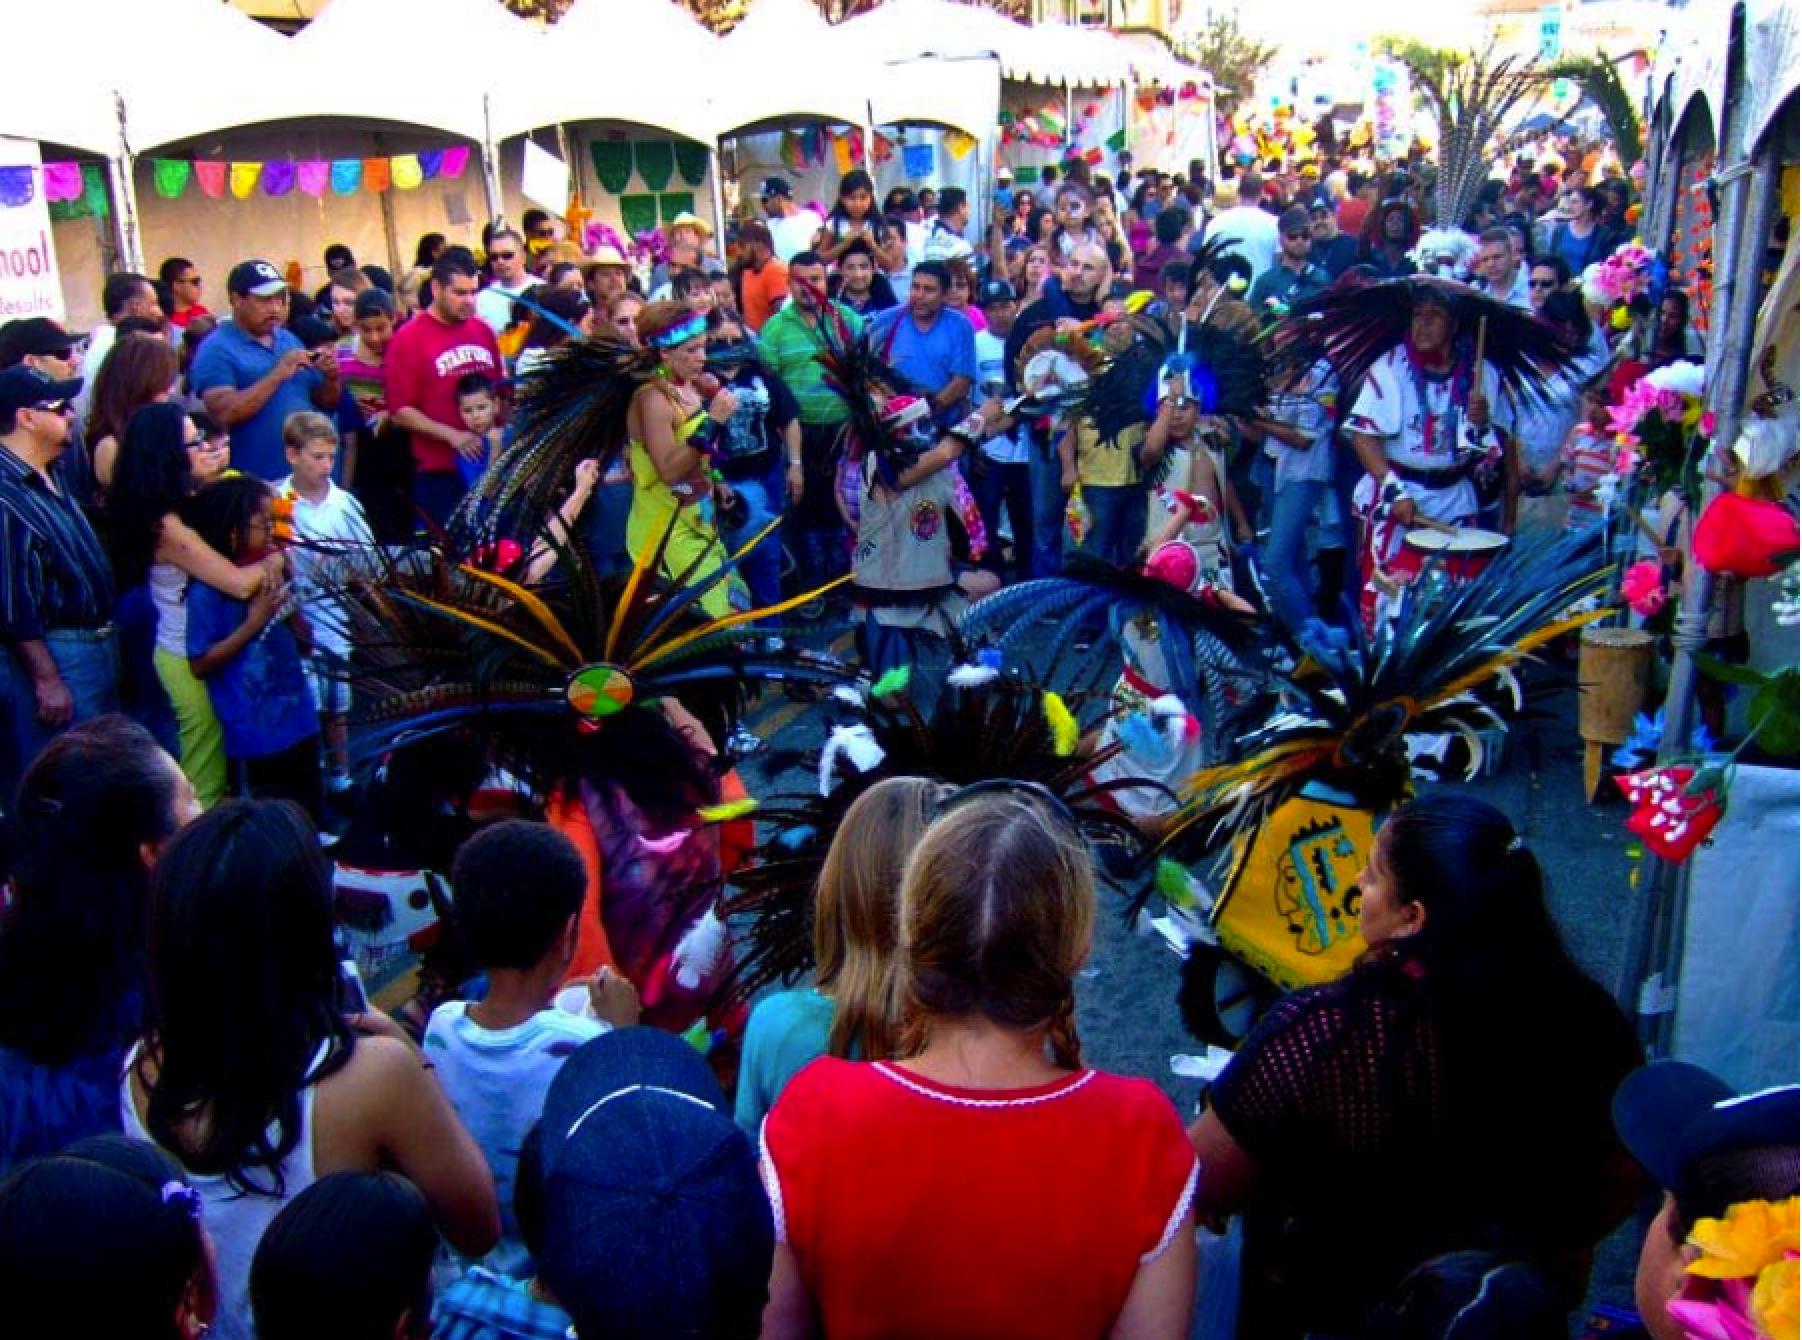 El Dia de Los Muertos is celebrated in Fruitvale's transit village